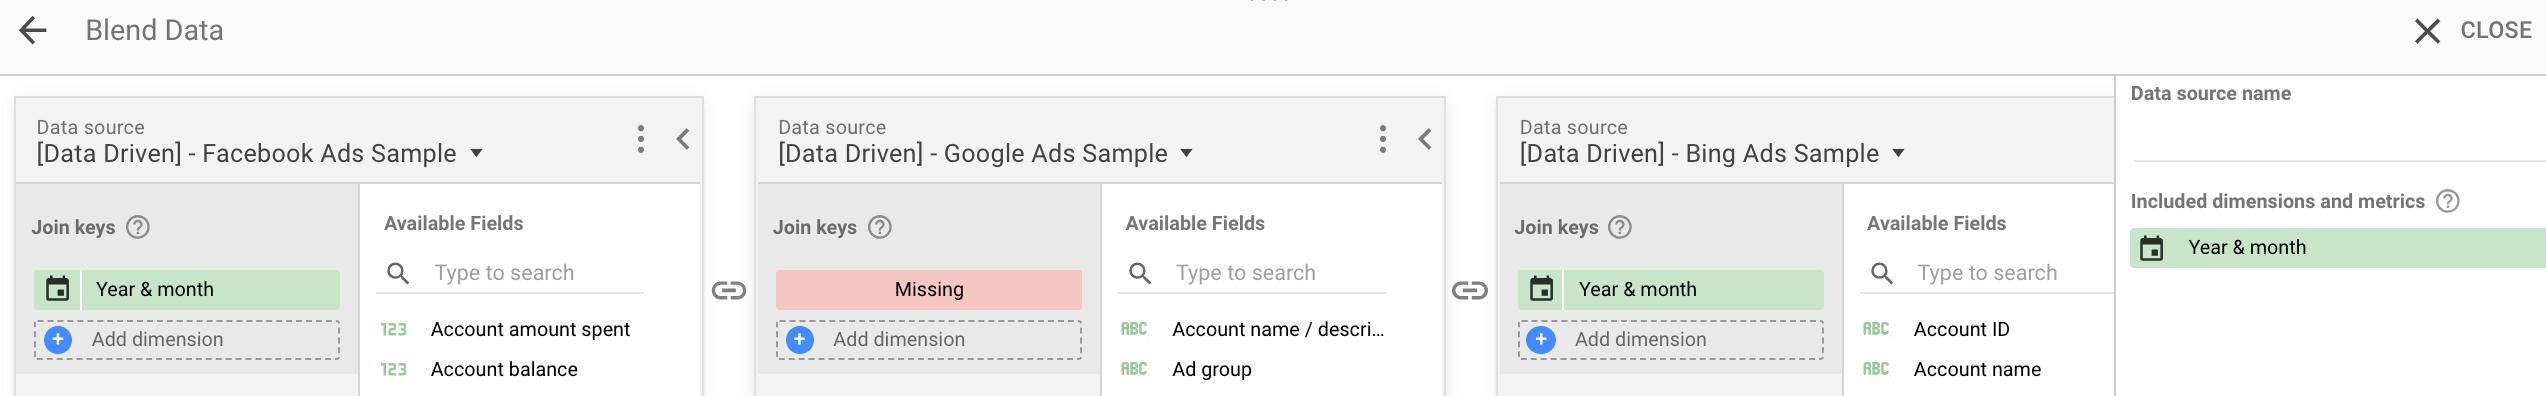 Blending PPC Data in Google Data Studio